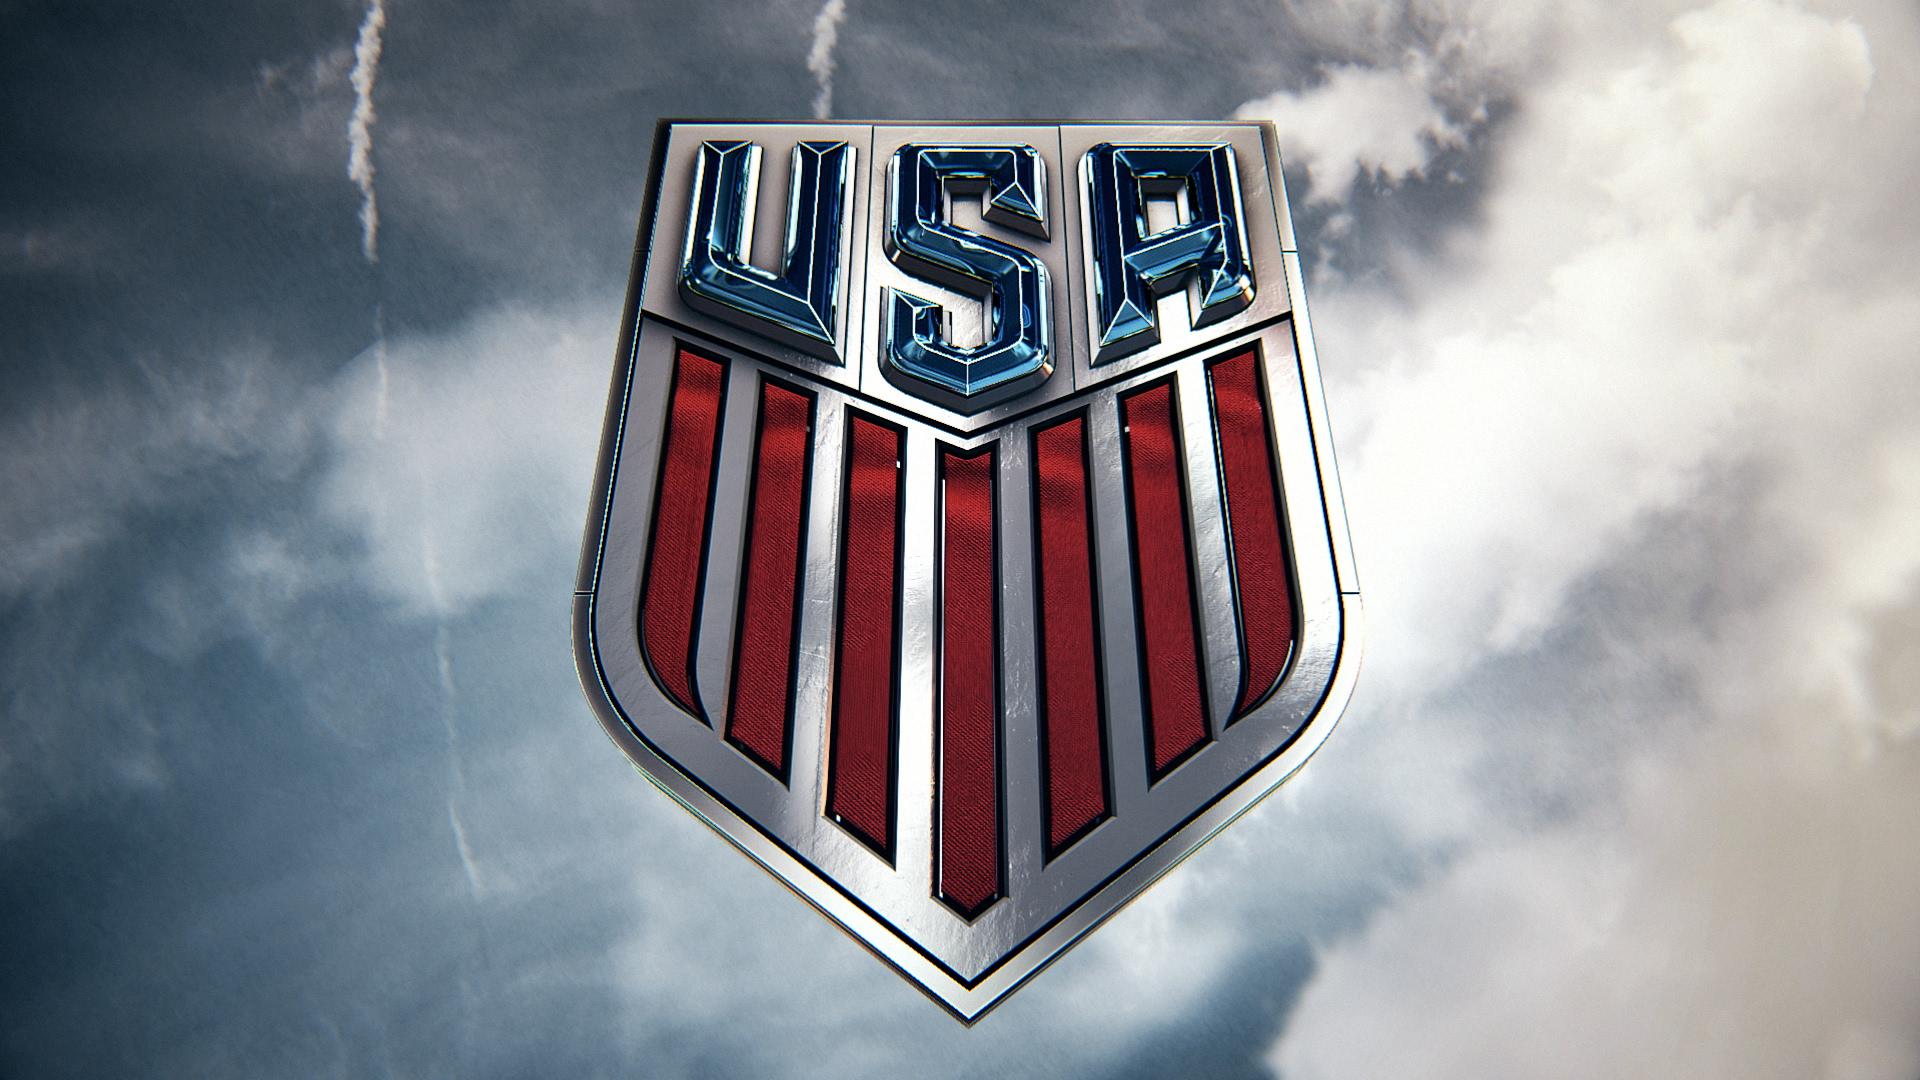 170707_ESPN_USMNT_Trans_Key_A_cam4_V003_1.jpg